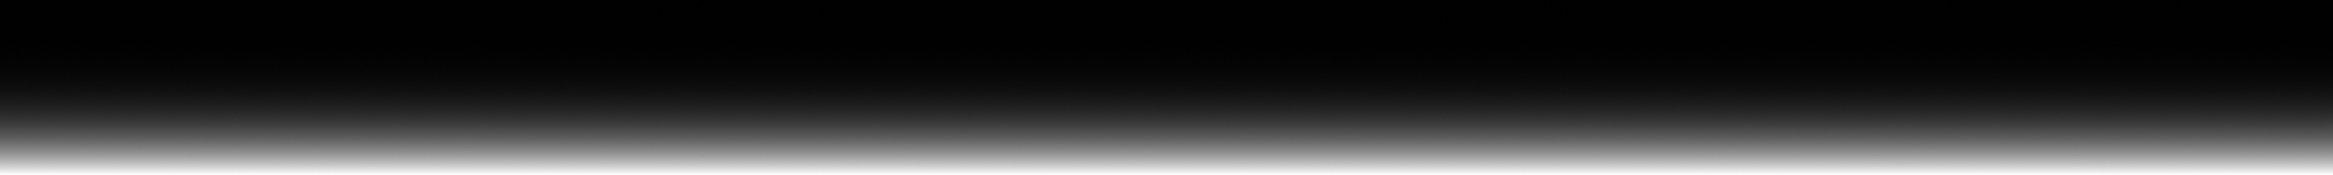 black white gradient long.jpg